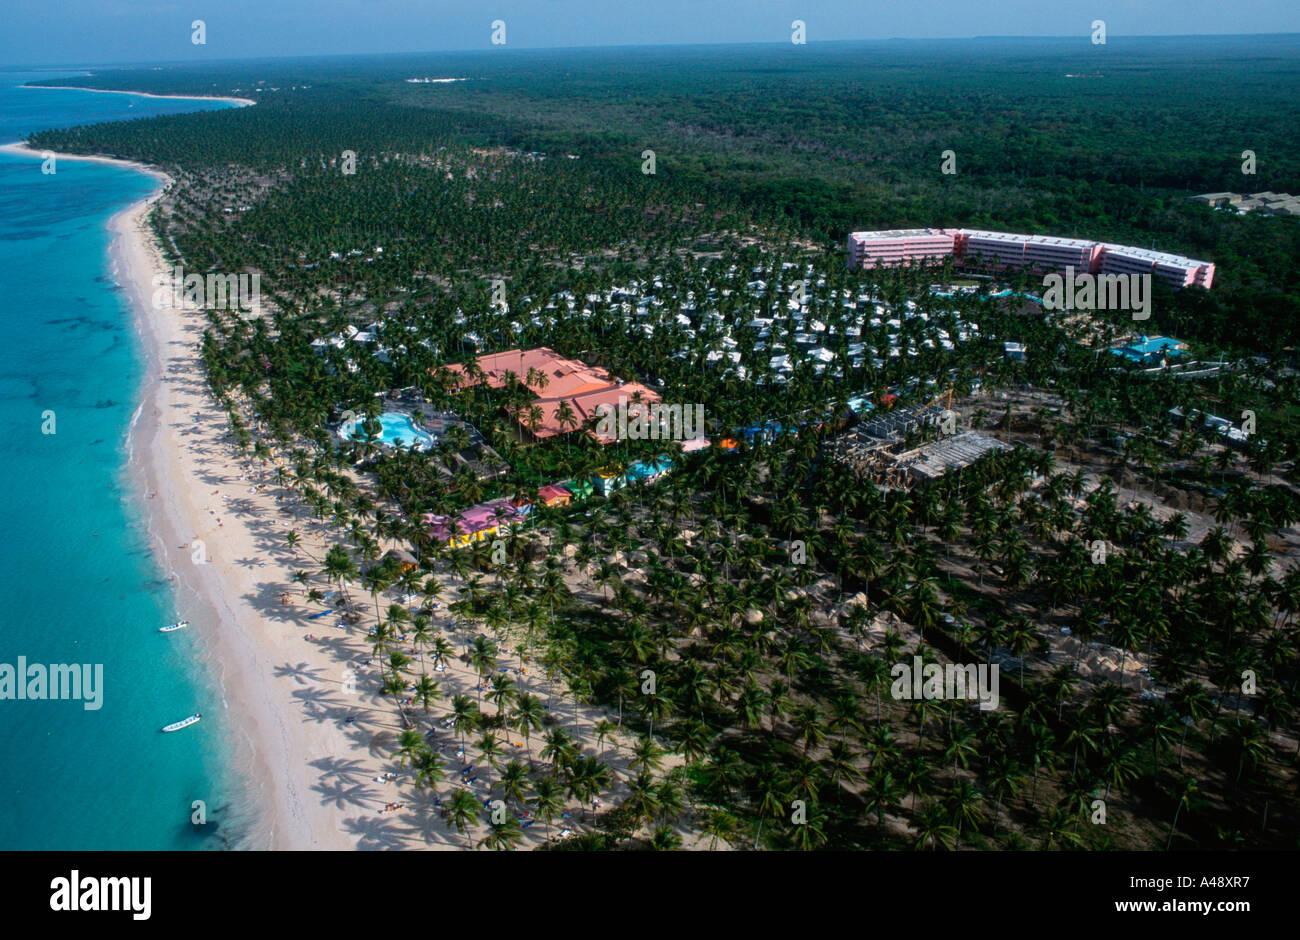 Hotel riu naiboa all inclusive hotel punta cana - Hotel Riu Naiboa Punta Cana